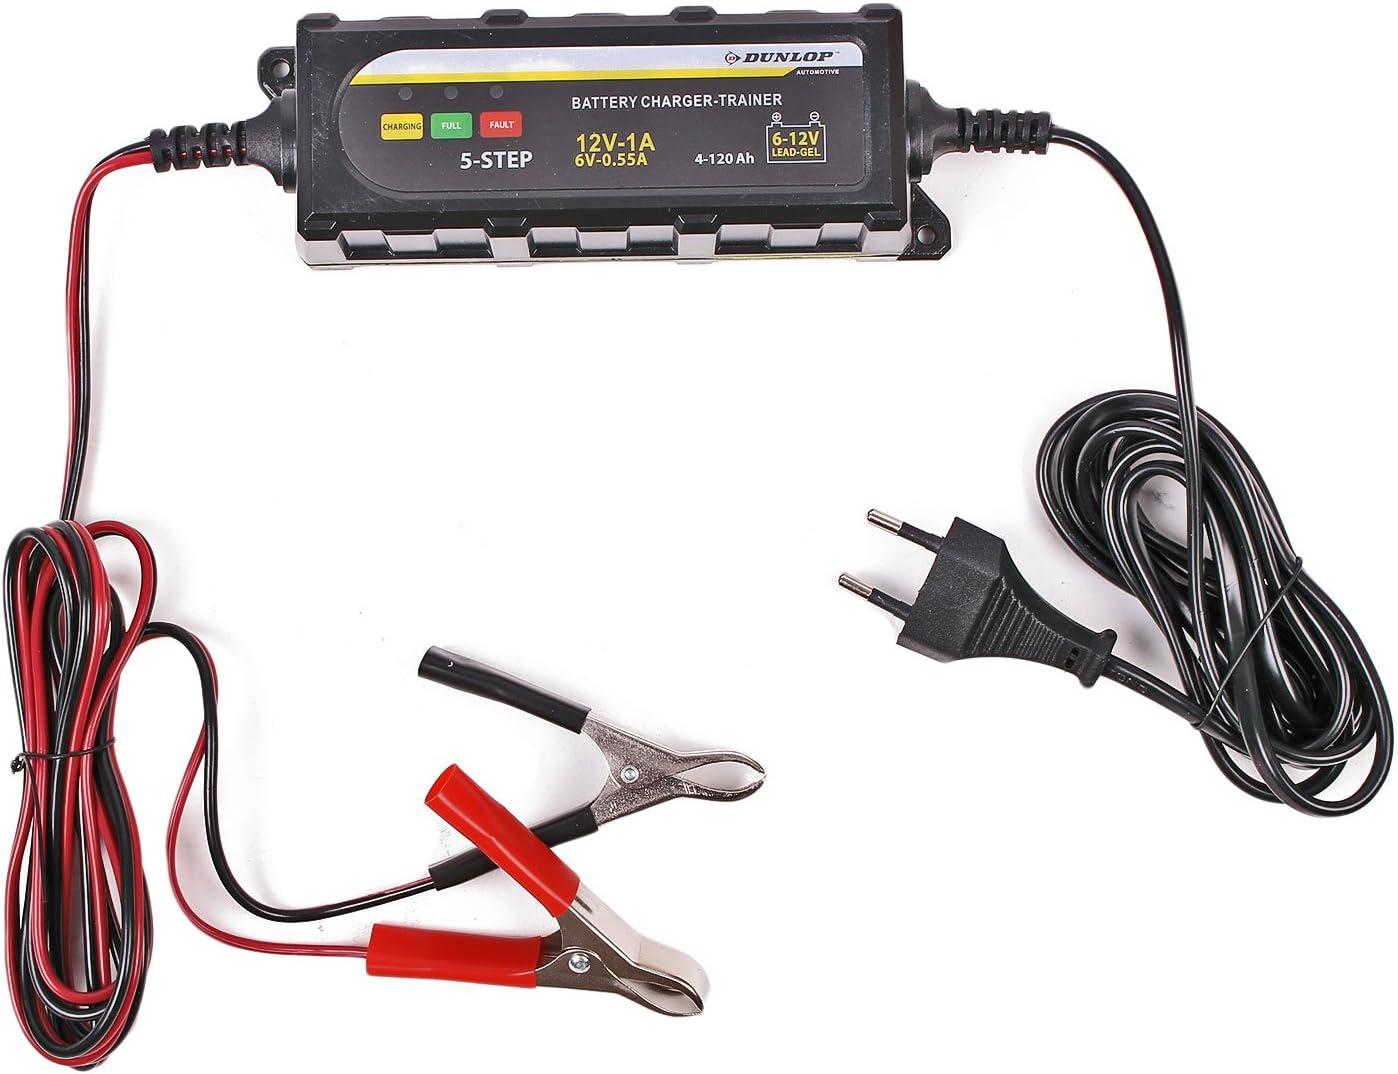 HOUSECONFORT Chargeur DE Batterie CALCULATEUR OPTIMISEUR Pro pour Auto Voiture Moto 6 12V